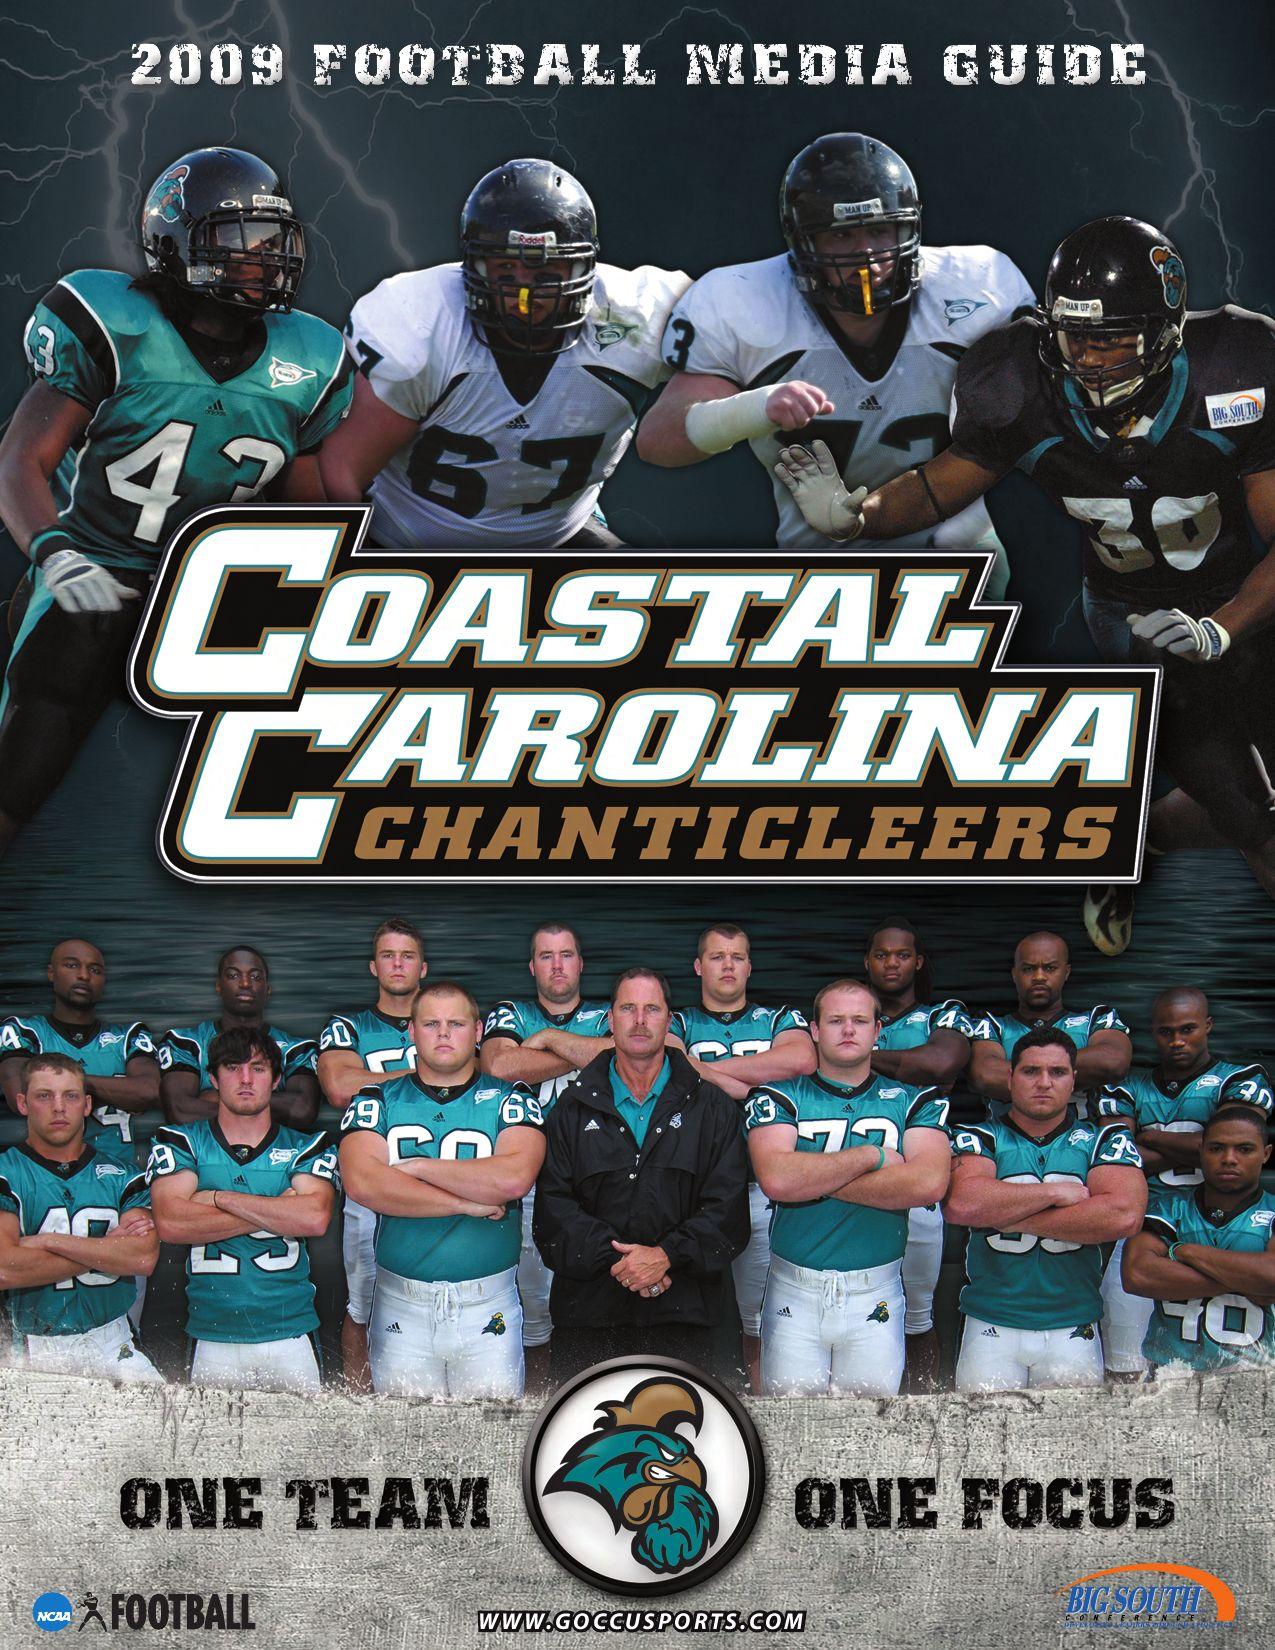 2009 Coastal Carolina University Football Media Guide By